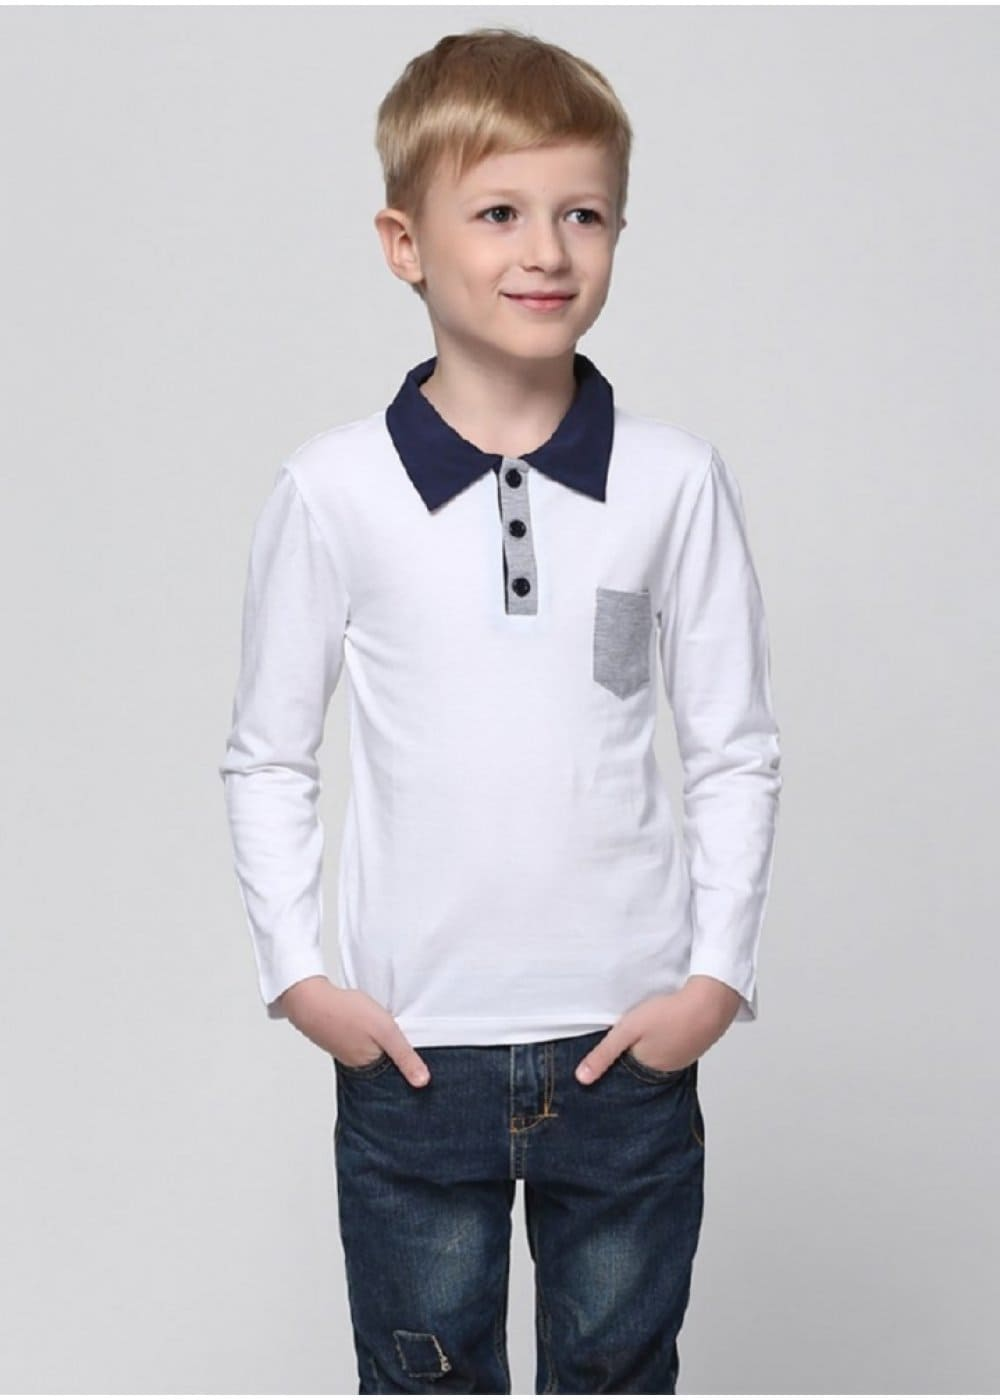 Купить детскую школьную одежду оптом